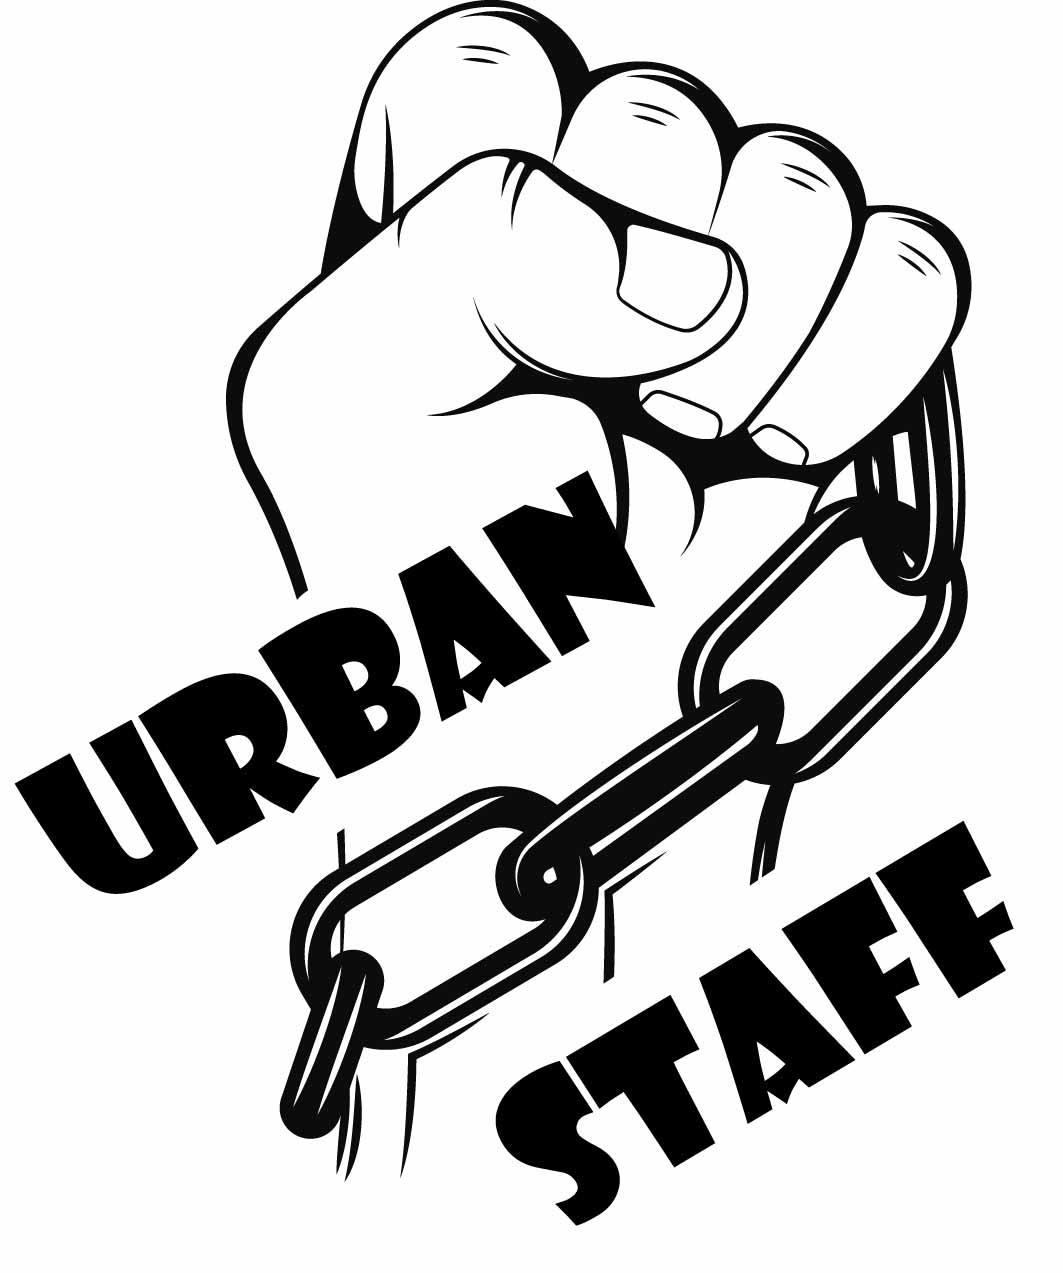 urbanstaff-casualstreetwear-logo-sklep-shop